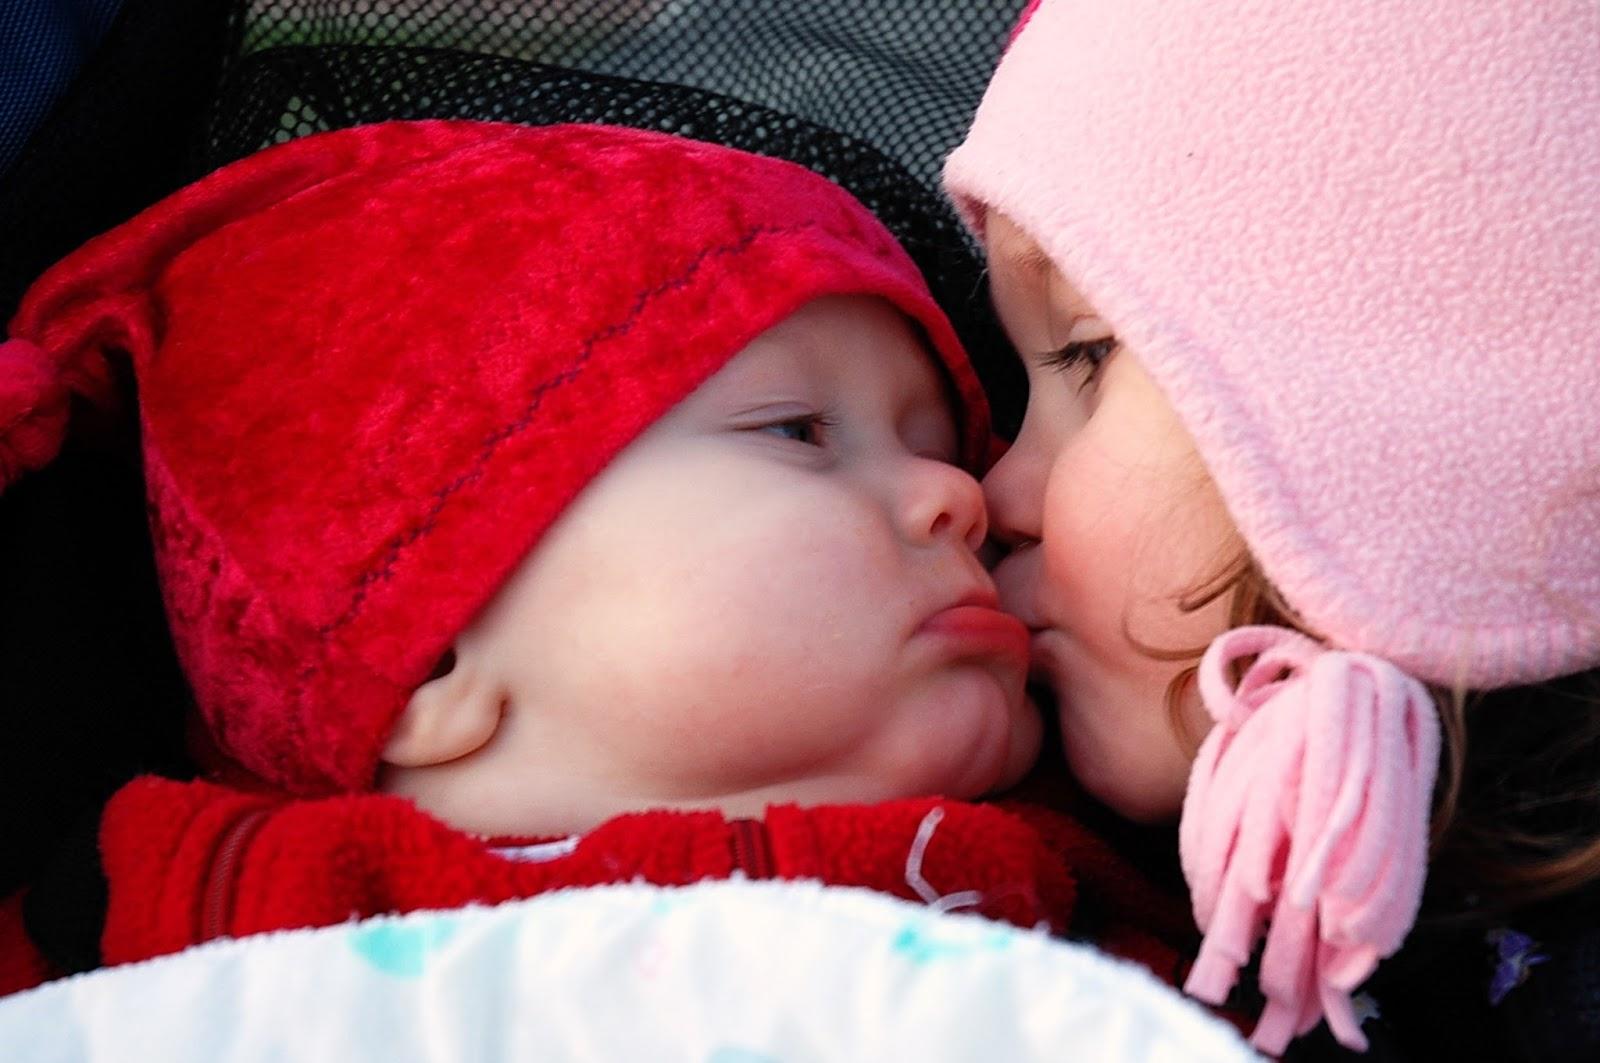 Cute babies kiss